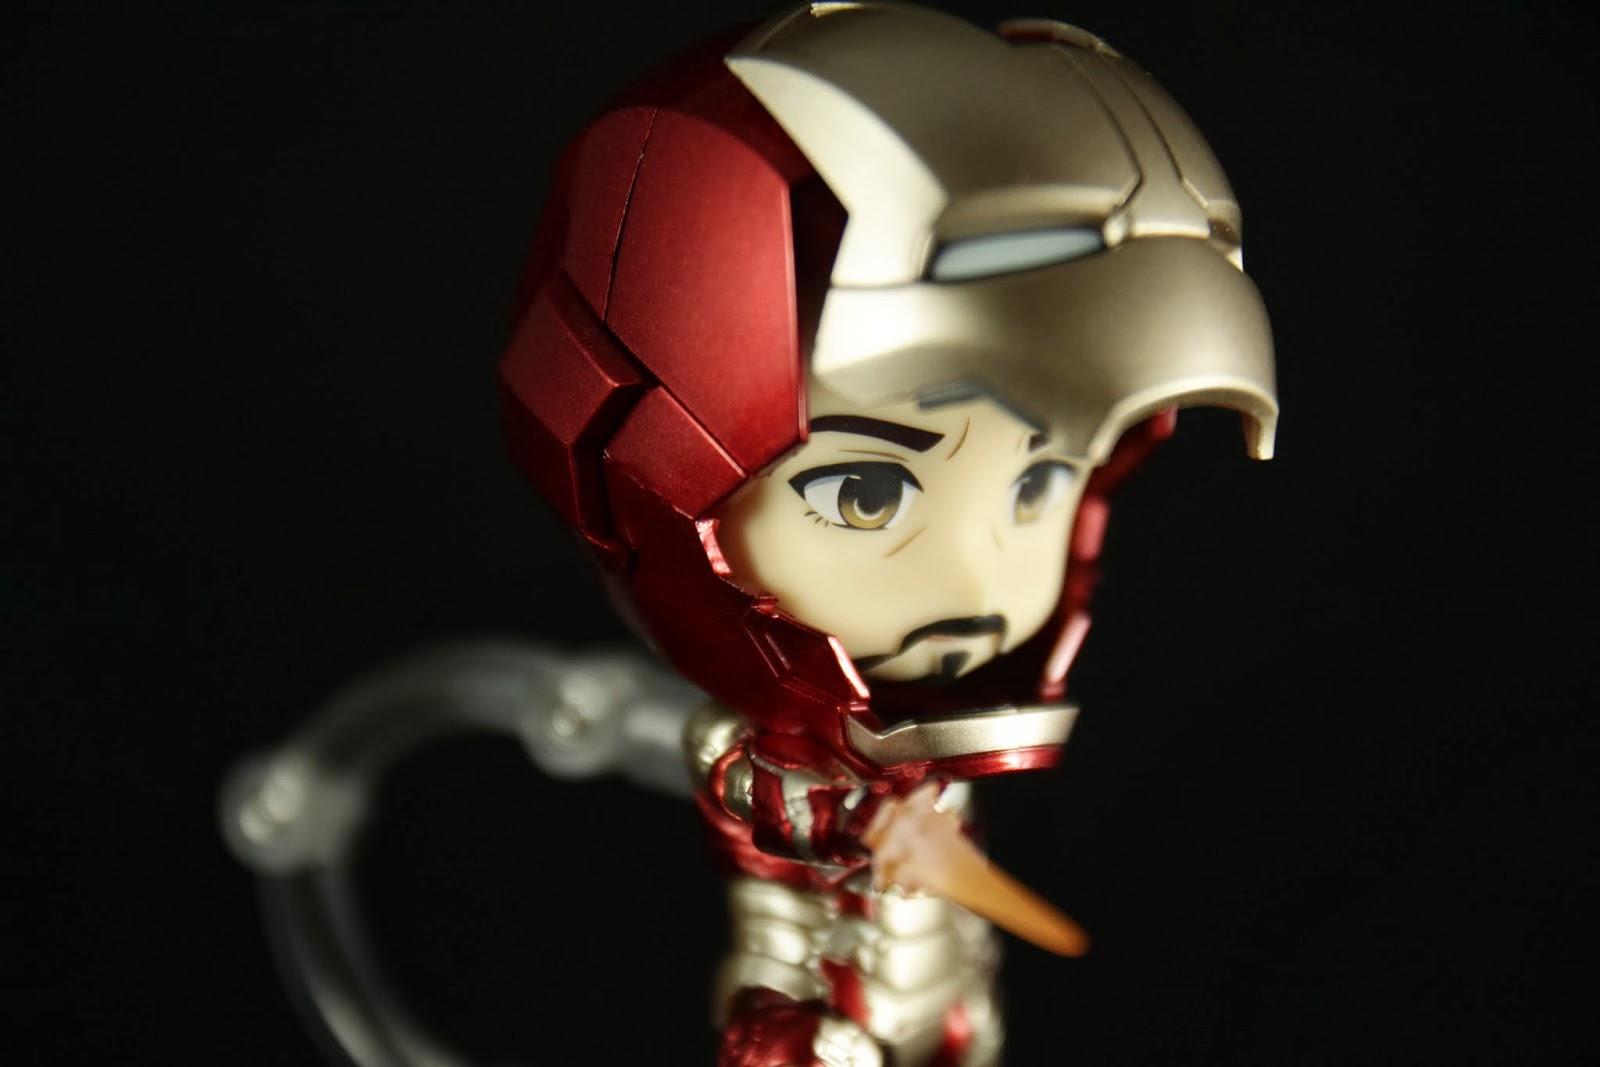 可以把臉放進頭盔裡 頭盔本身是空的很輕 臉放進去之後變超重!